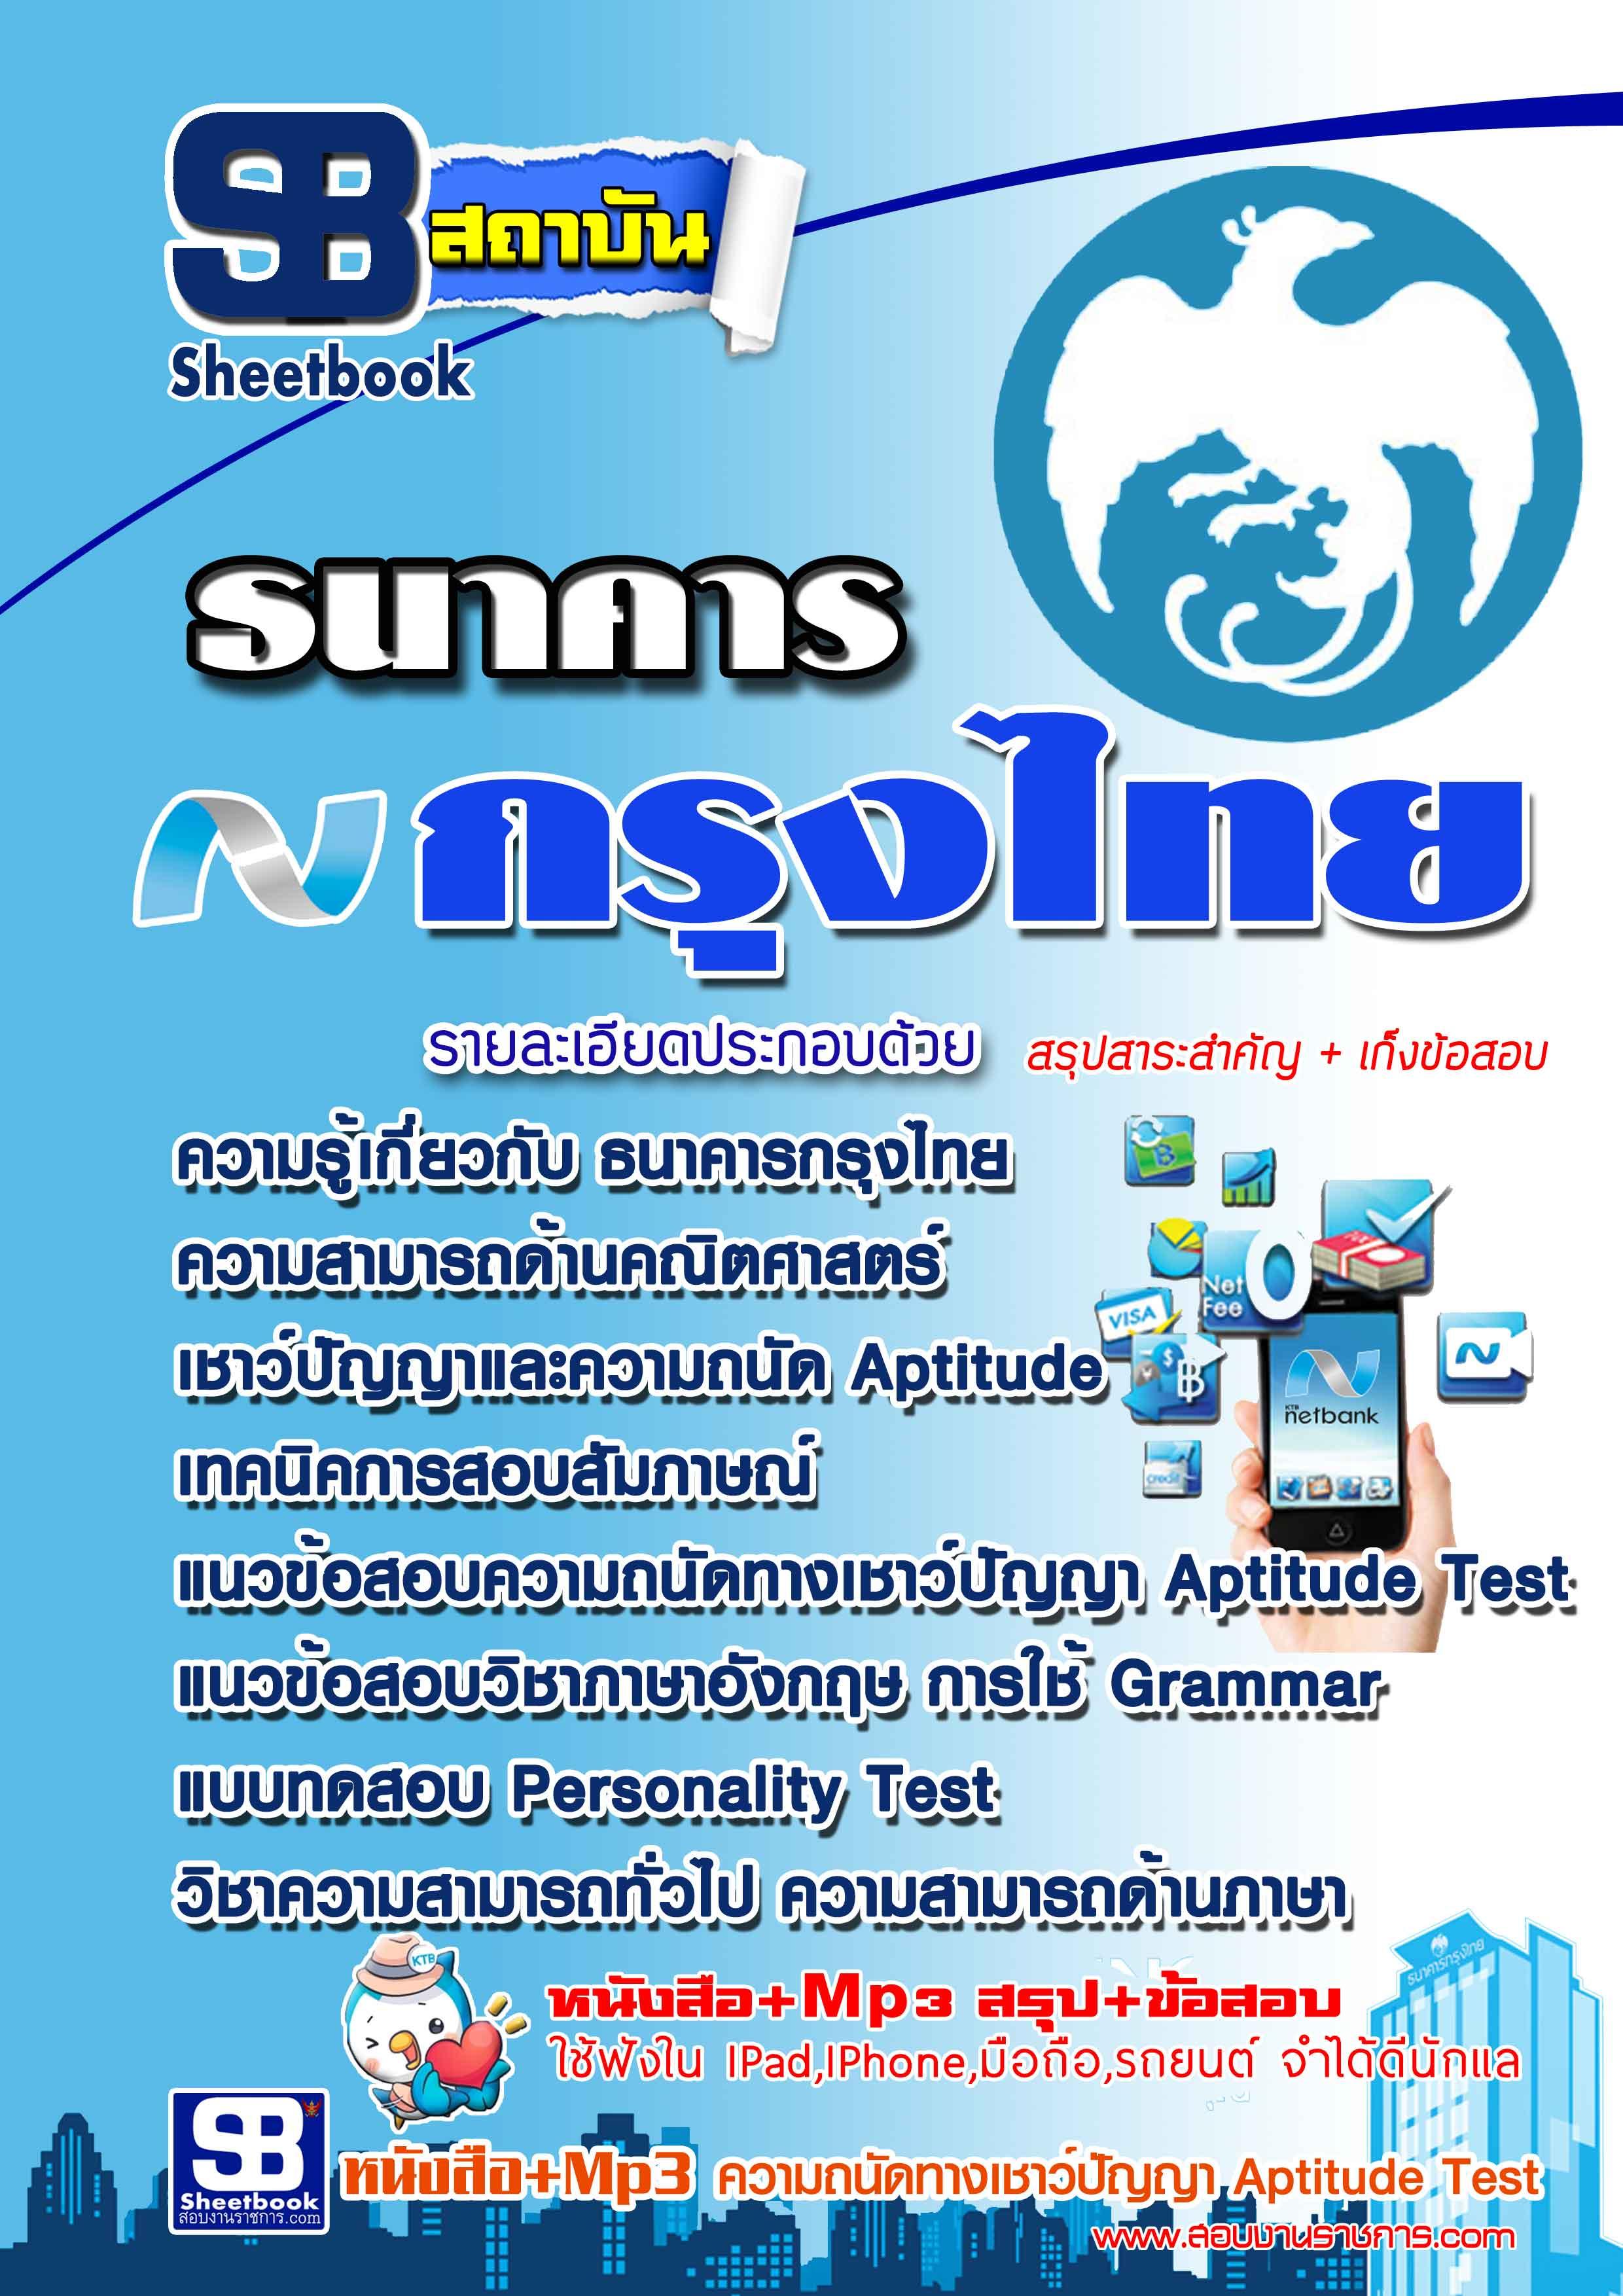 หนังสือ+Mp3 ธนาคารกรุงไทย